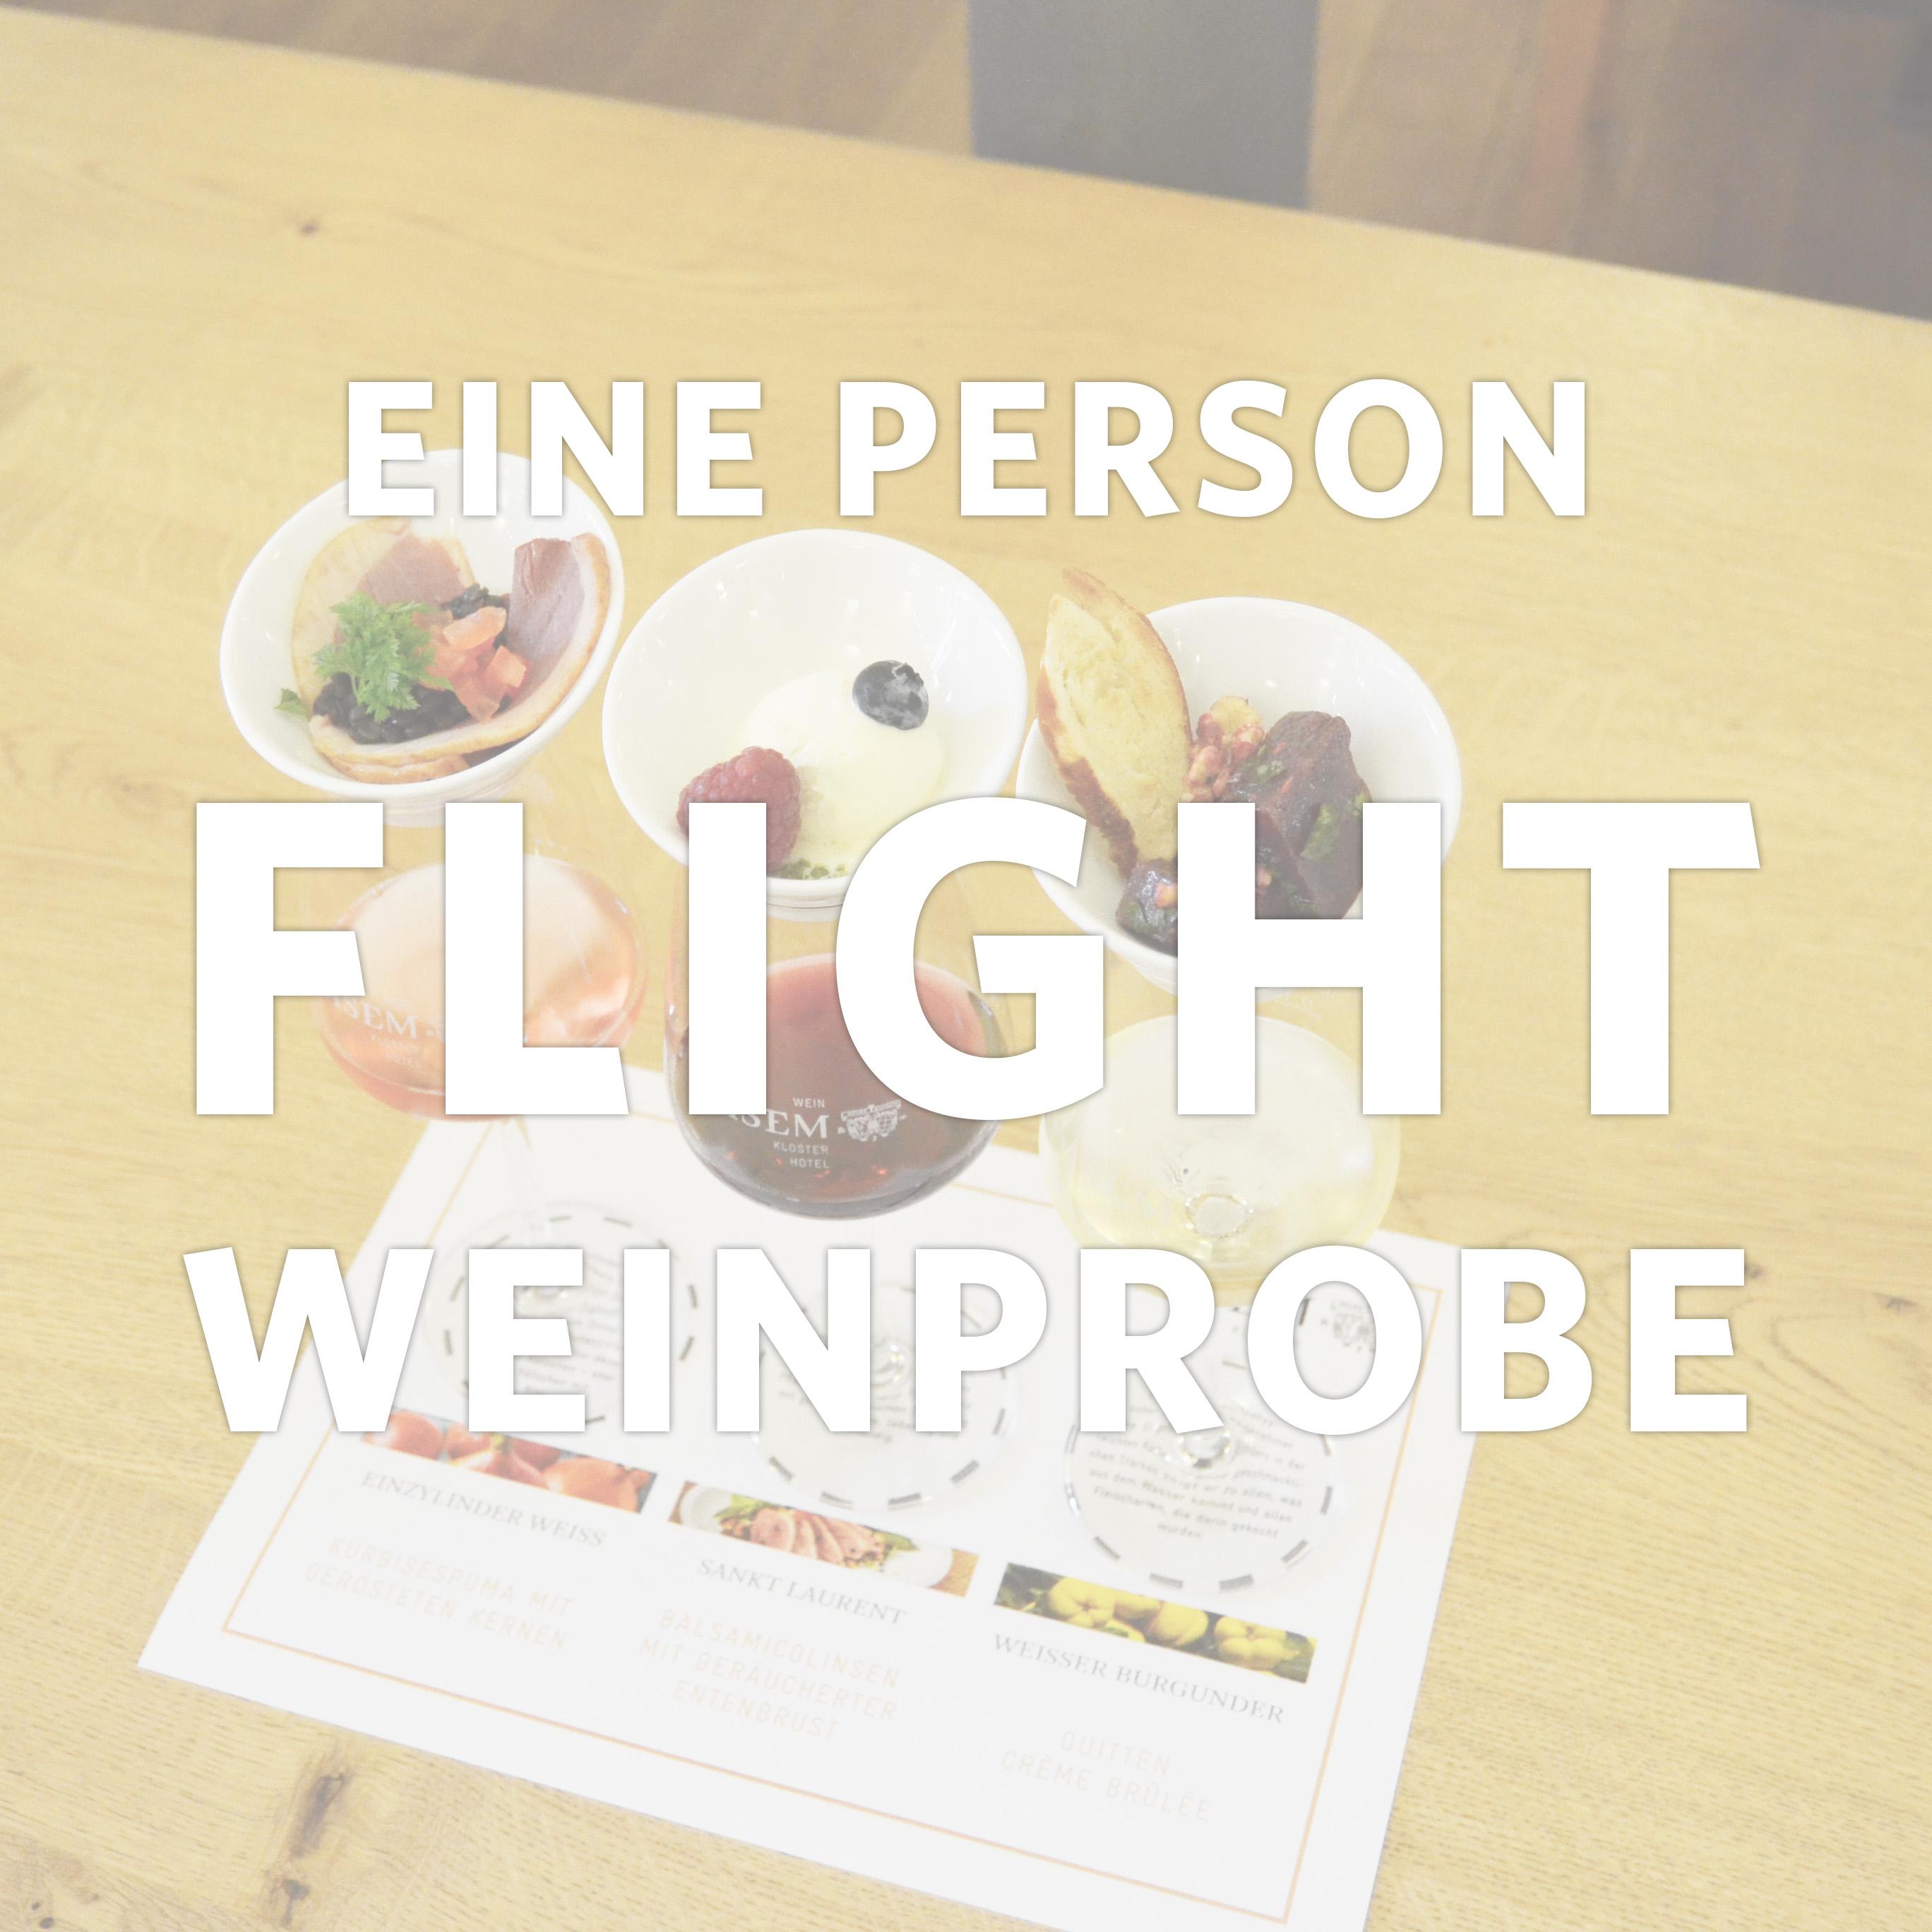 5er-Flightweinprobe für eine Person